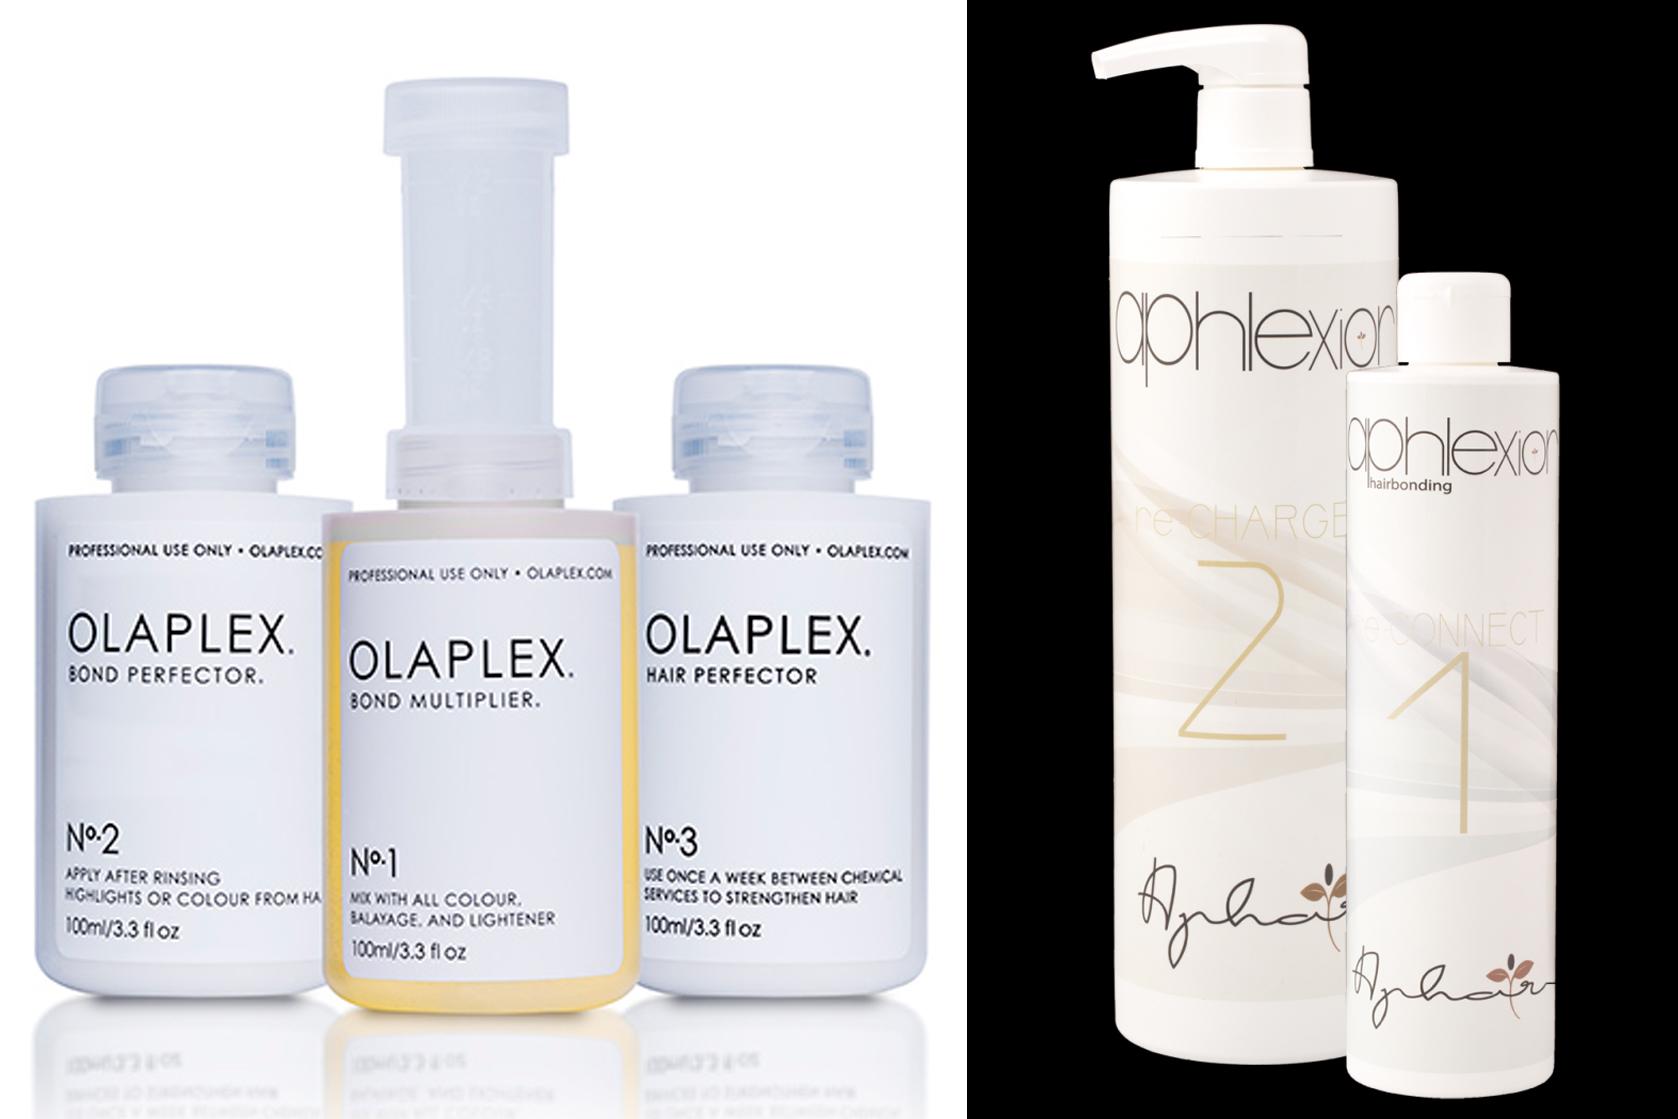 Olaplex VS Aphlexior